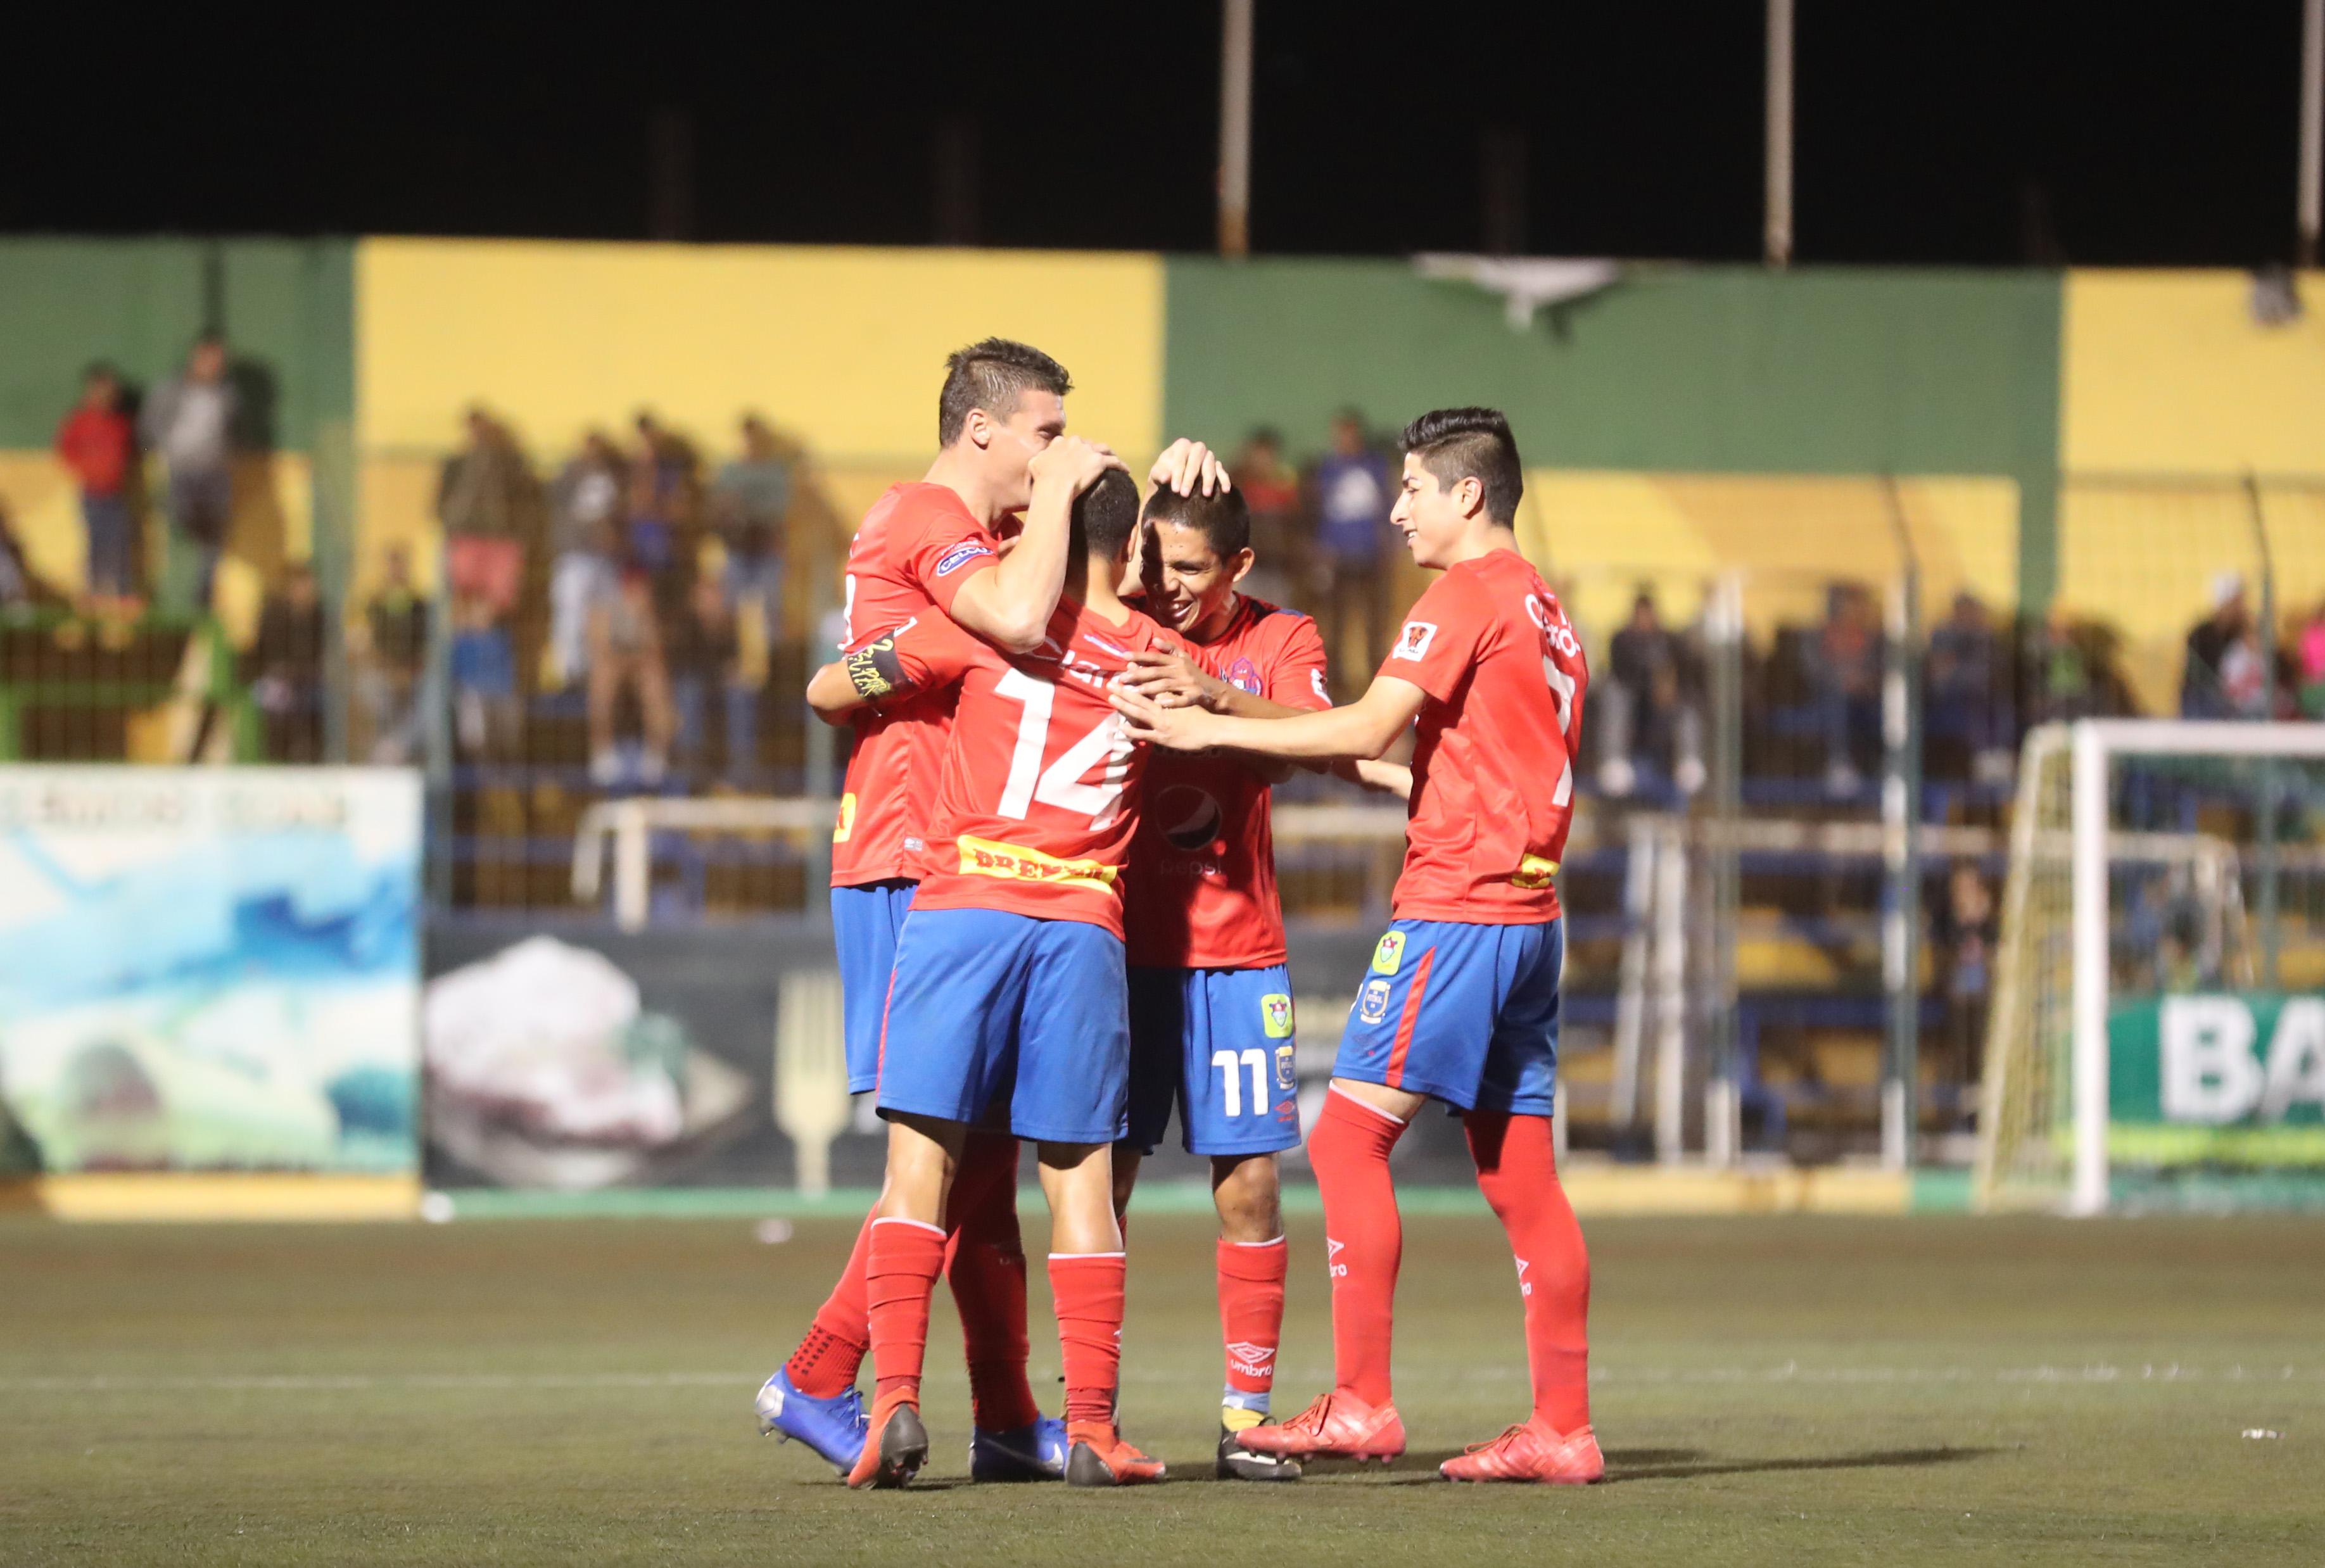 Los rojos vencieron a domicilio a Deportivo Petapa con goles de Carlos Alvarado y Jaime Alas. (Foto Prensa Libre: Edwin Fajardo)